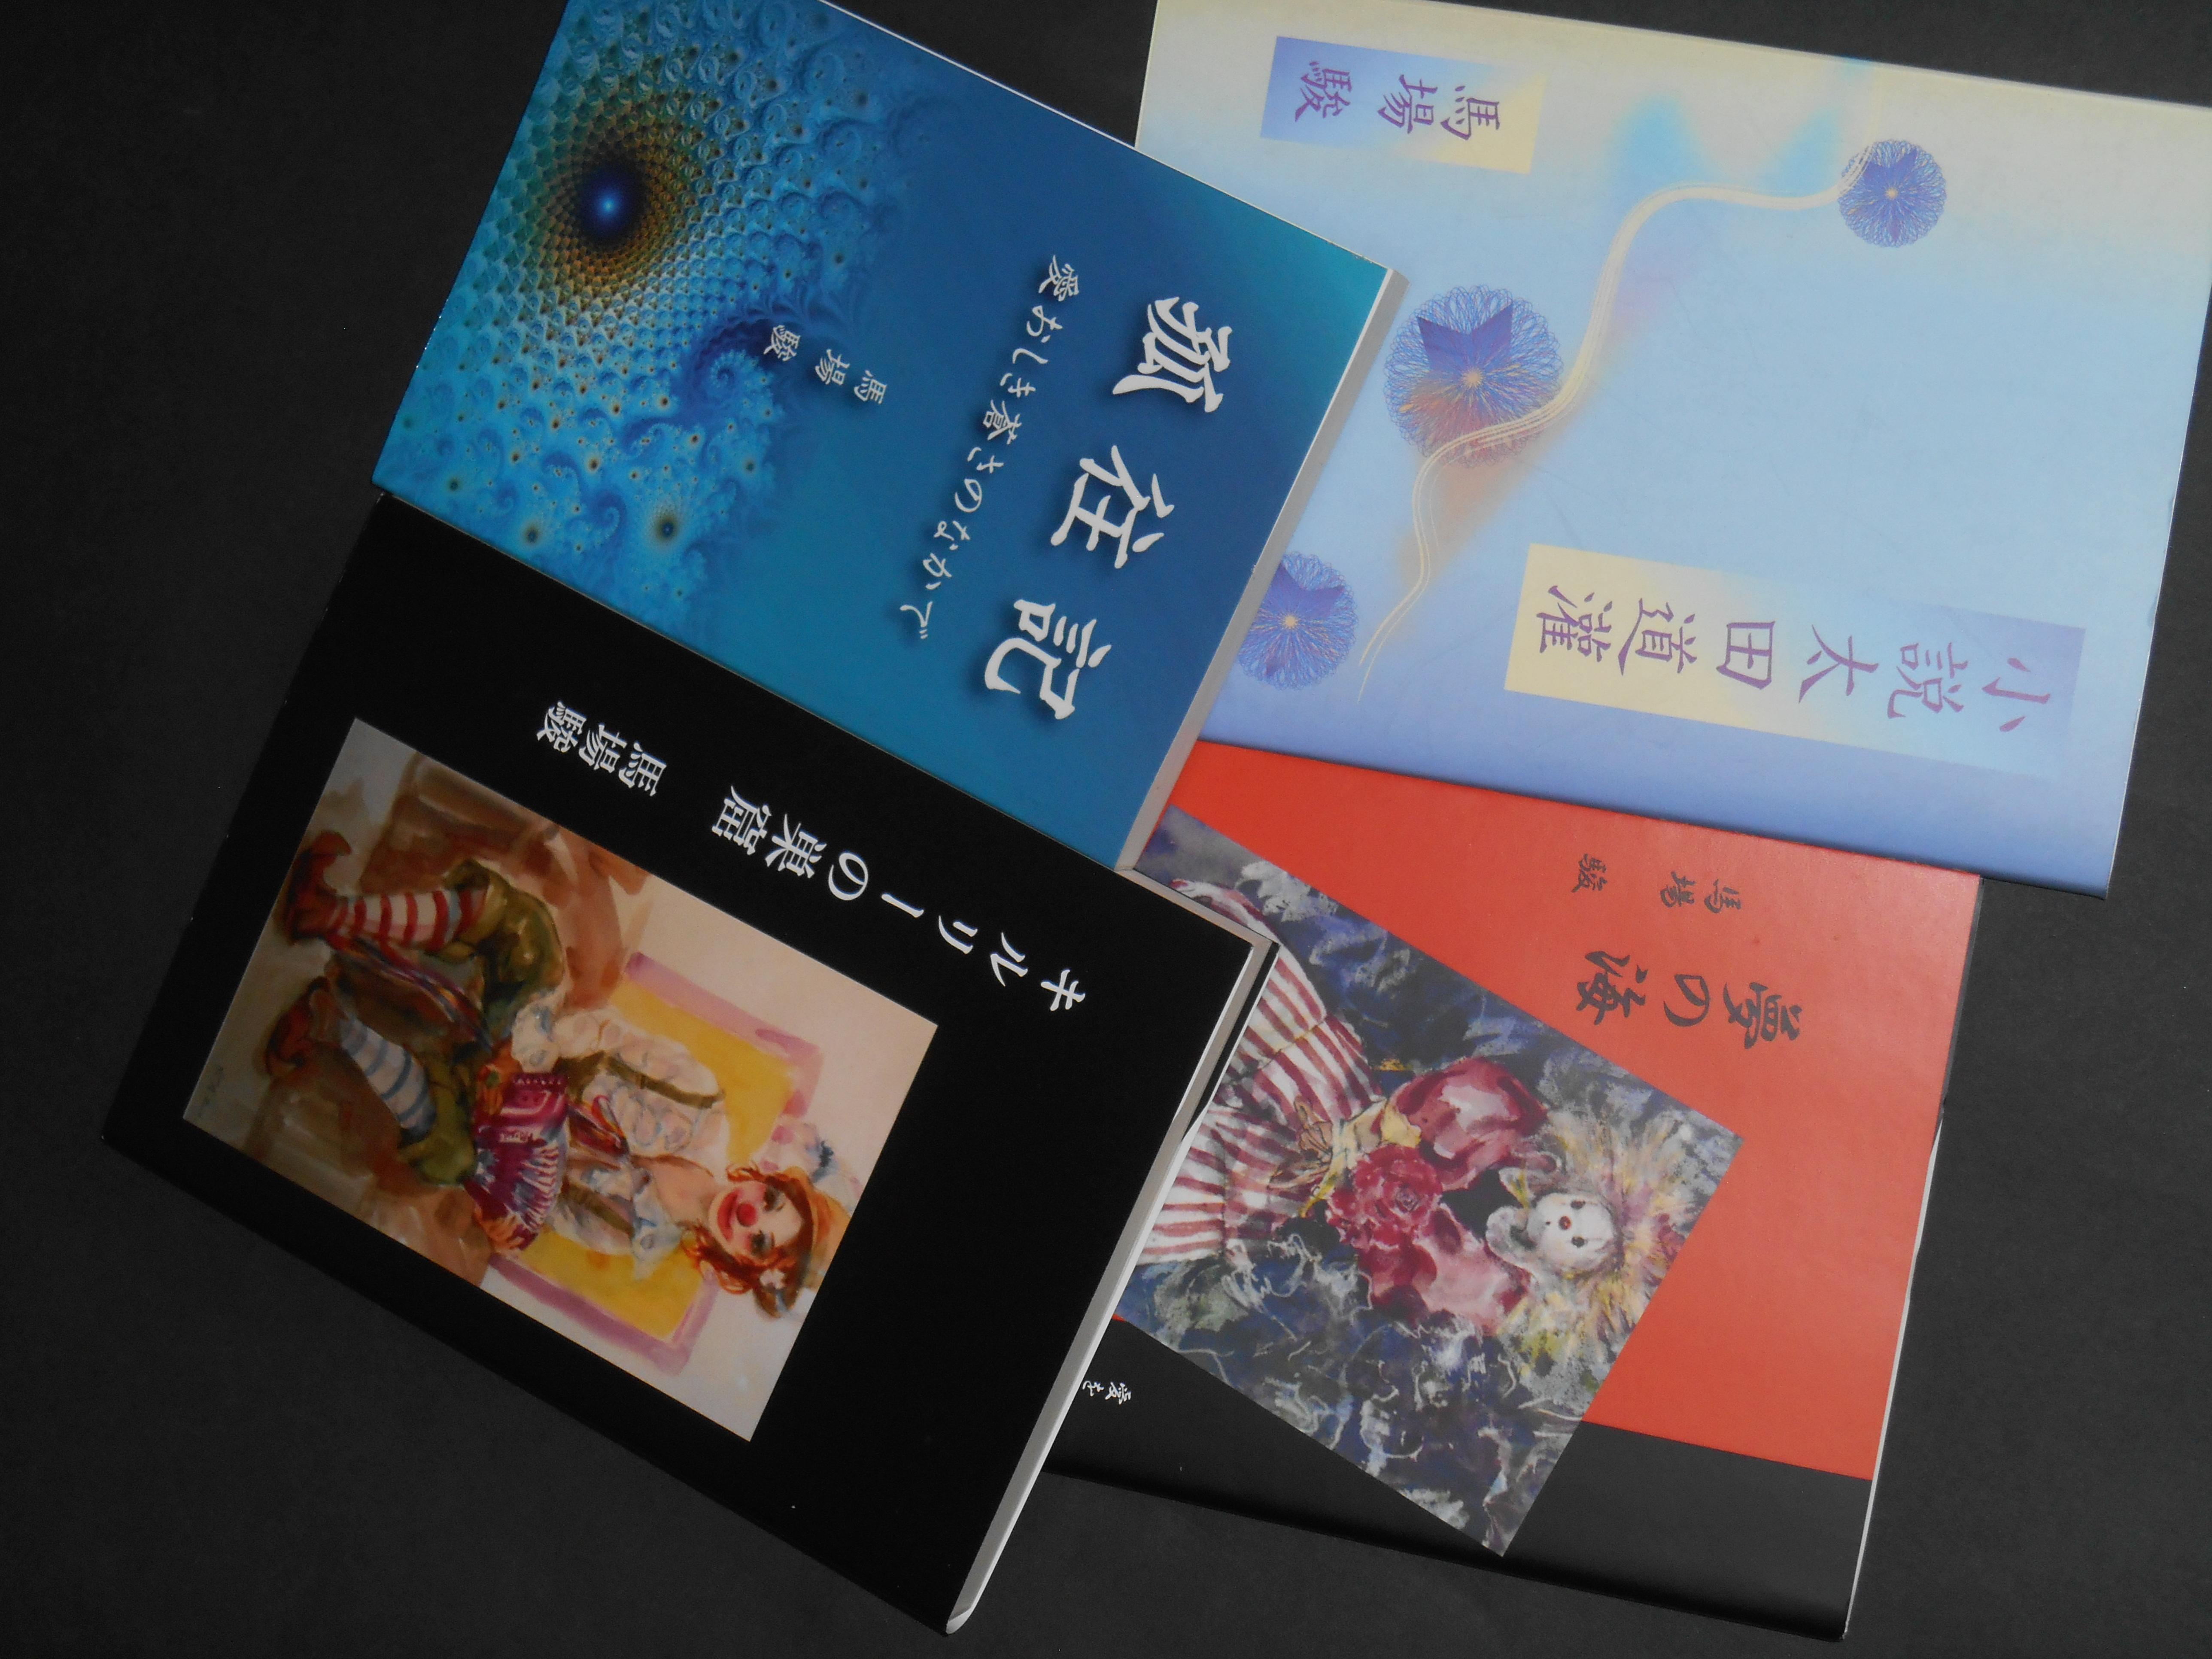 上梓した4冊の小説